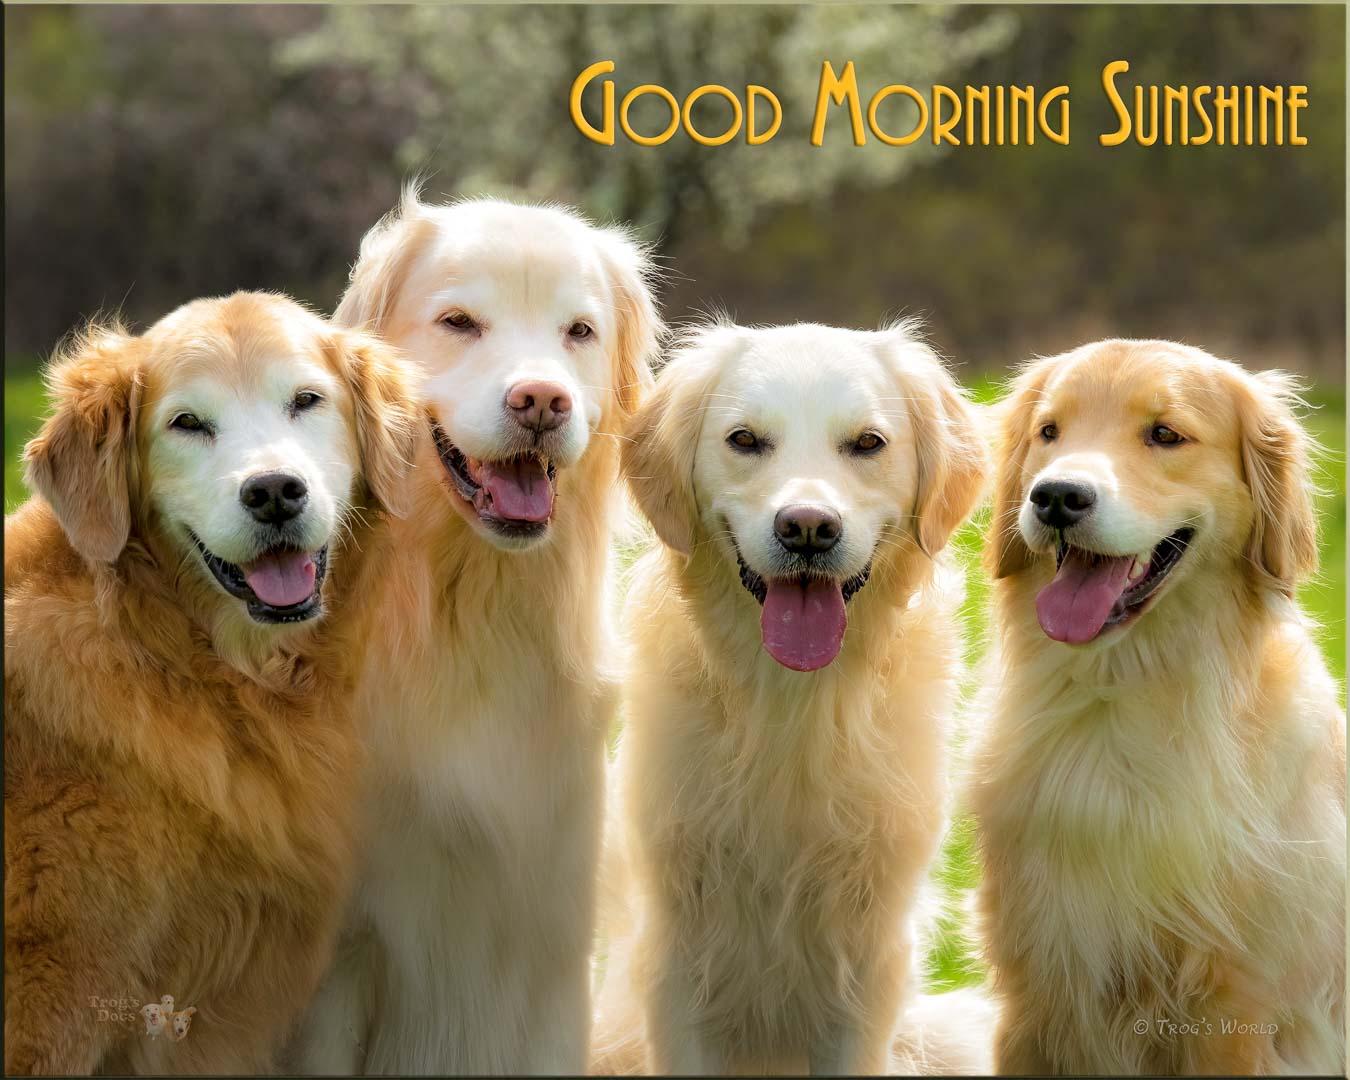 Golden Retrievers smiling in the morning sunshine